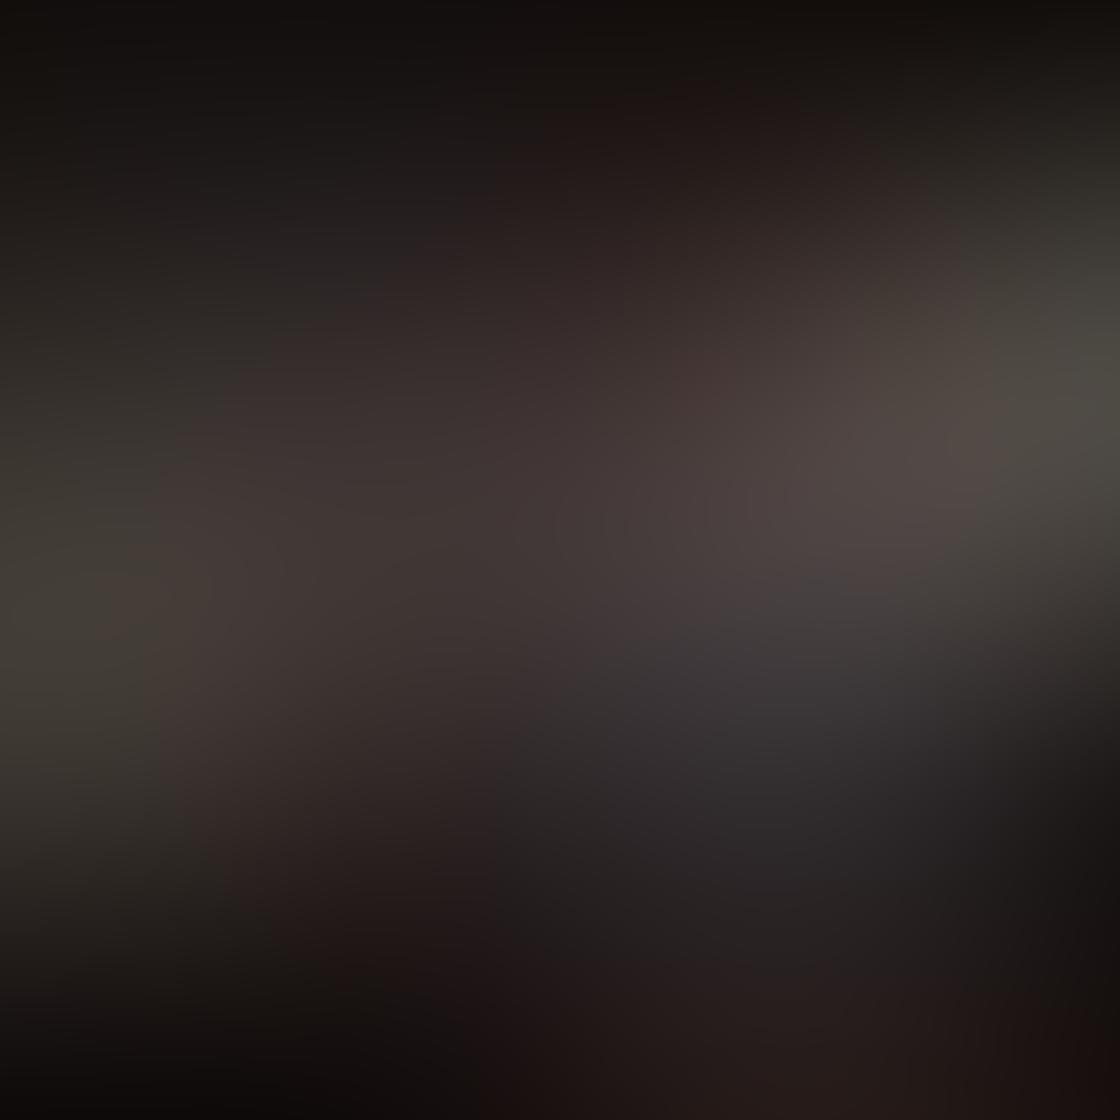 iPhone Photos Portrait Backgrounds 9